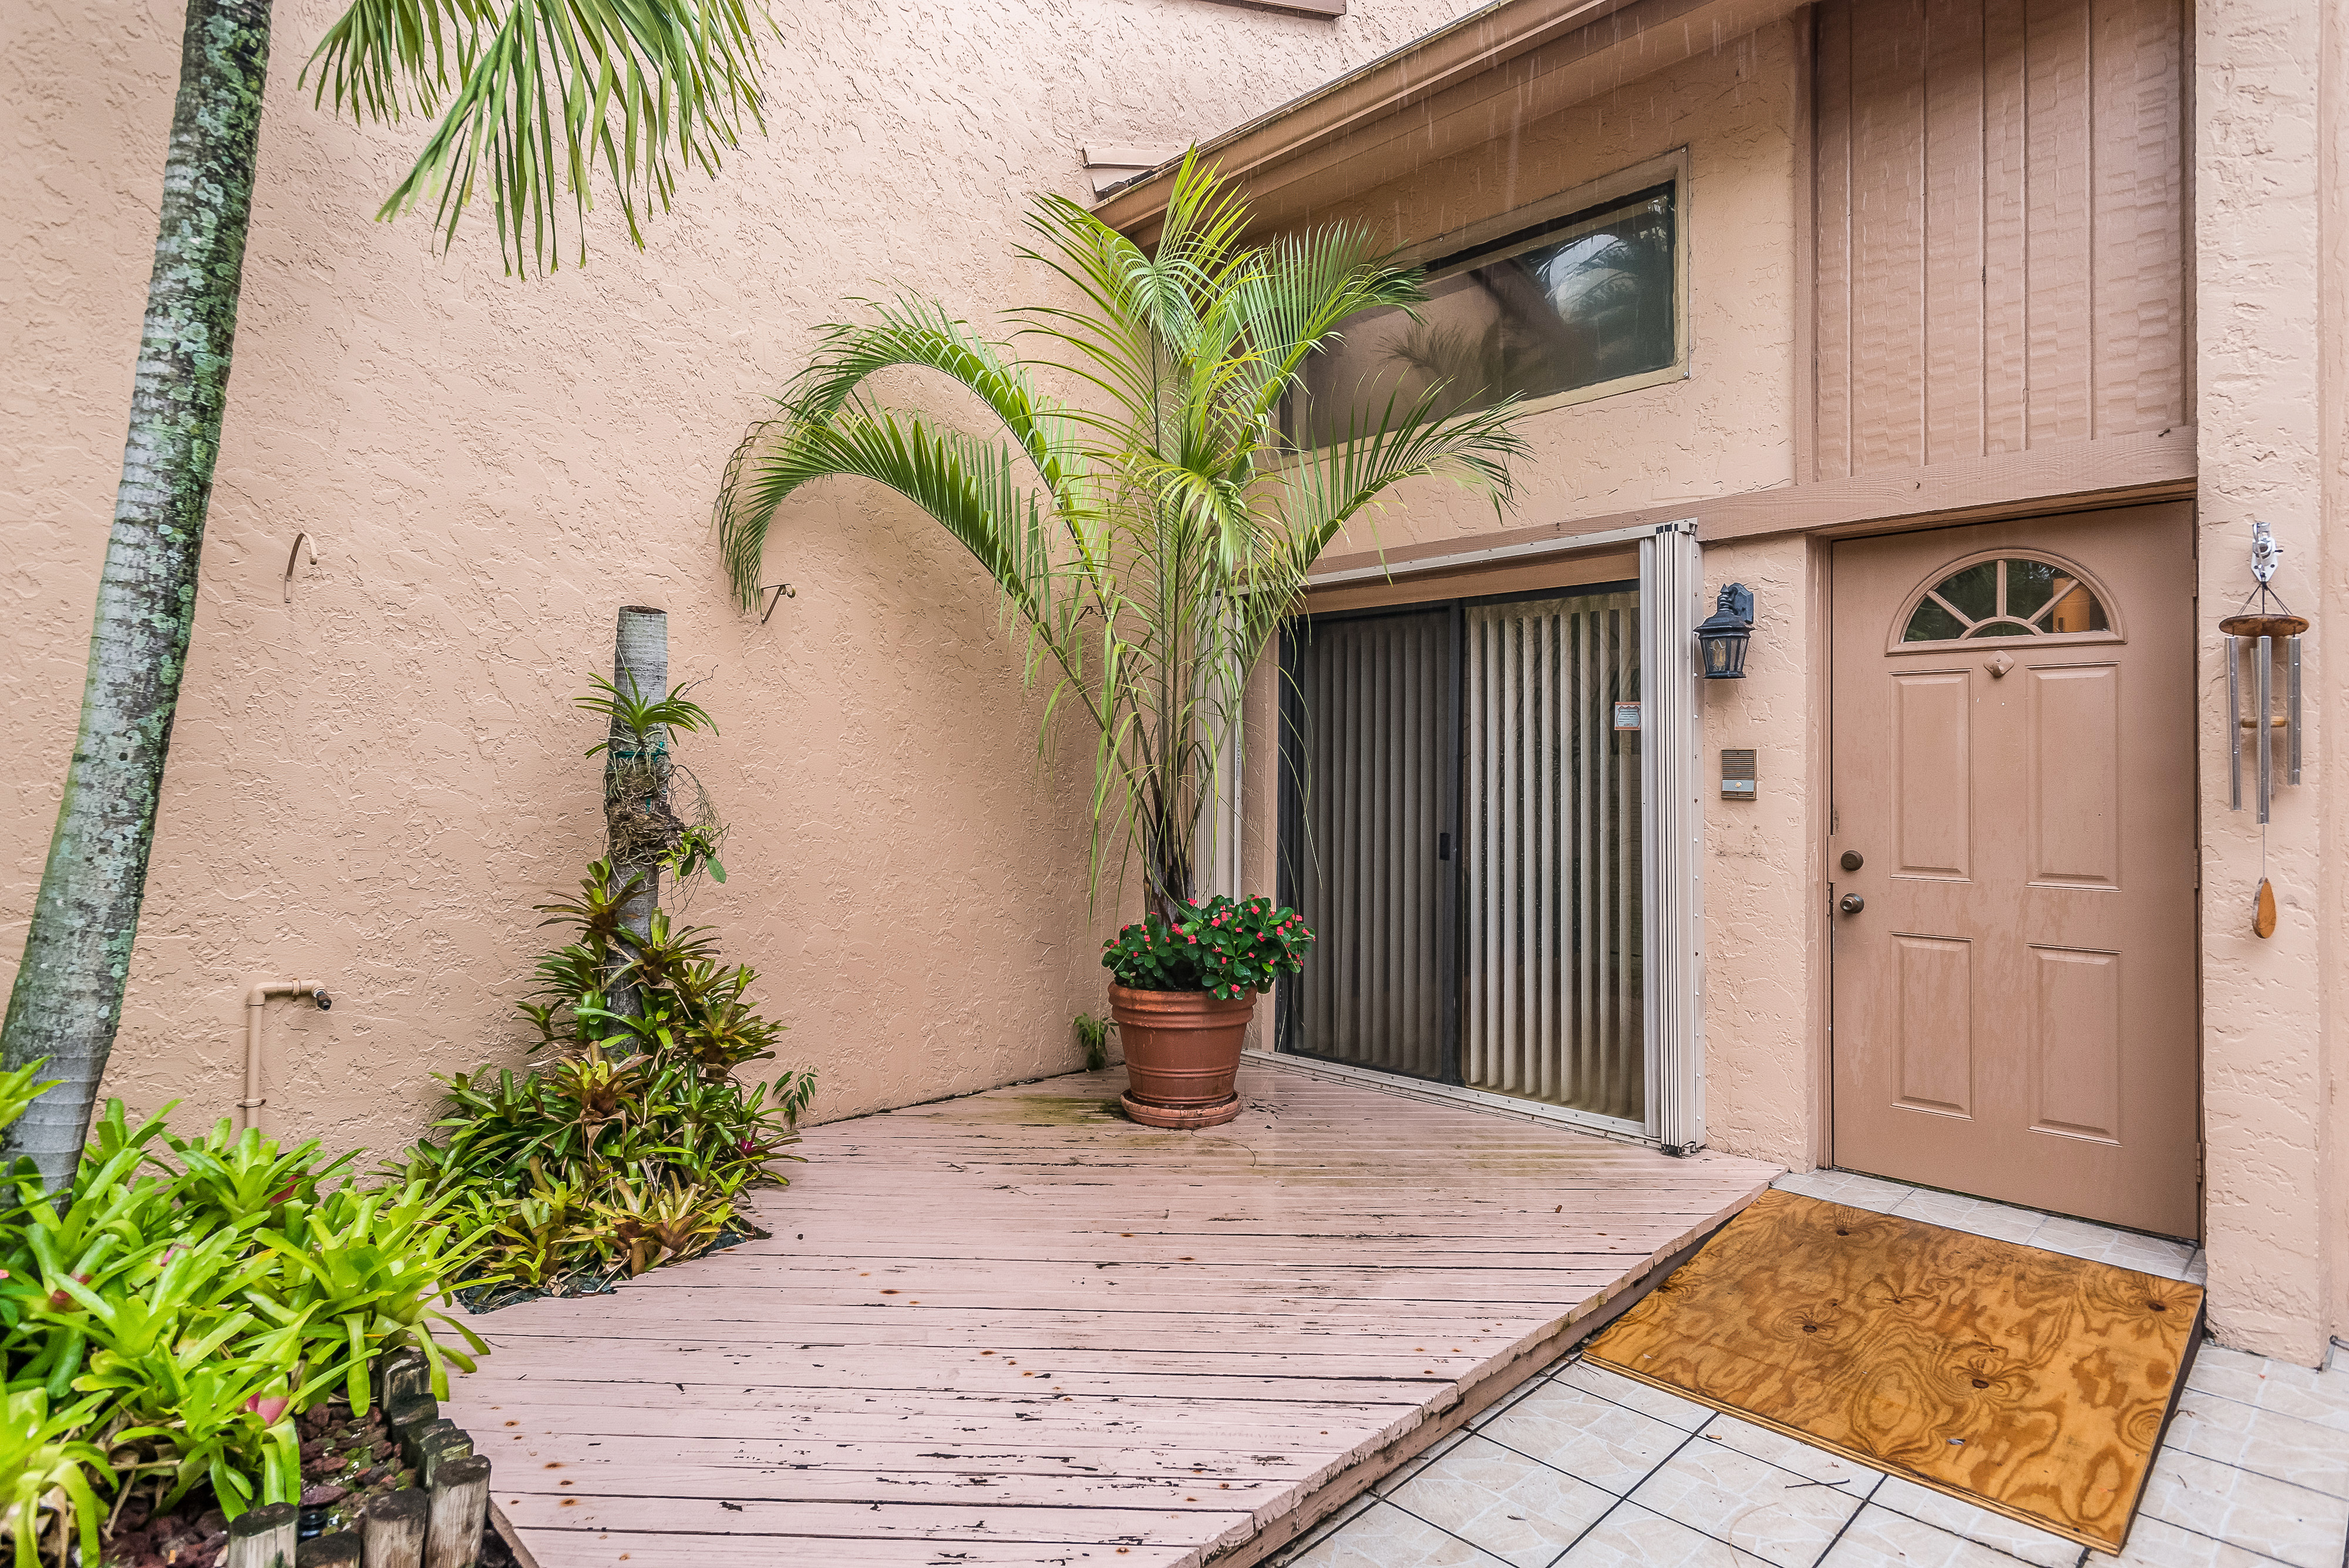 Maison unifamiliale pour l Vente à 10912 Sw 112th Ave #10912 Sw 112th Ave 10912 Miami, Florida, 33176 États-Unis